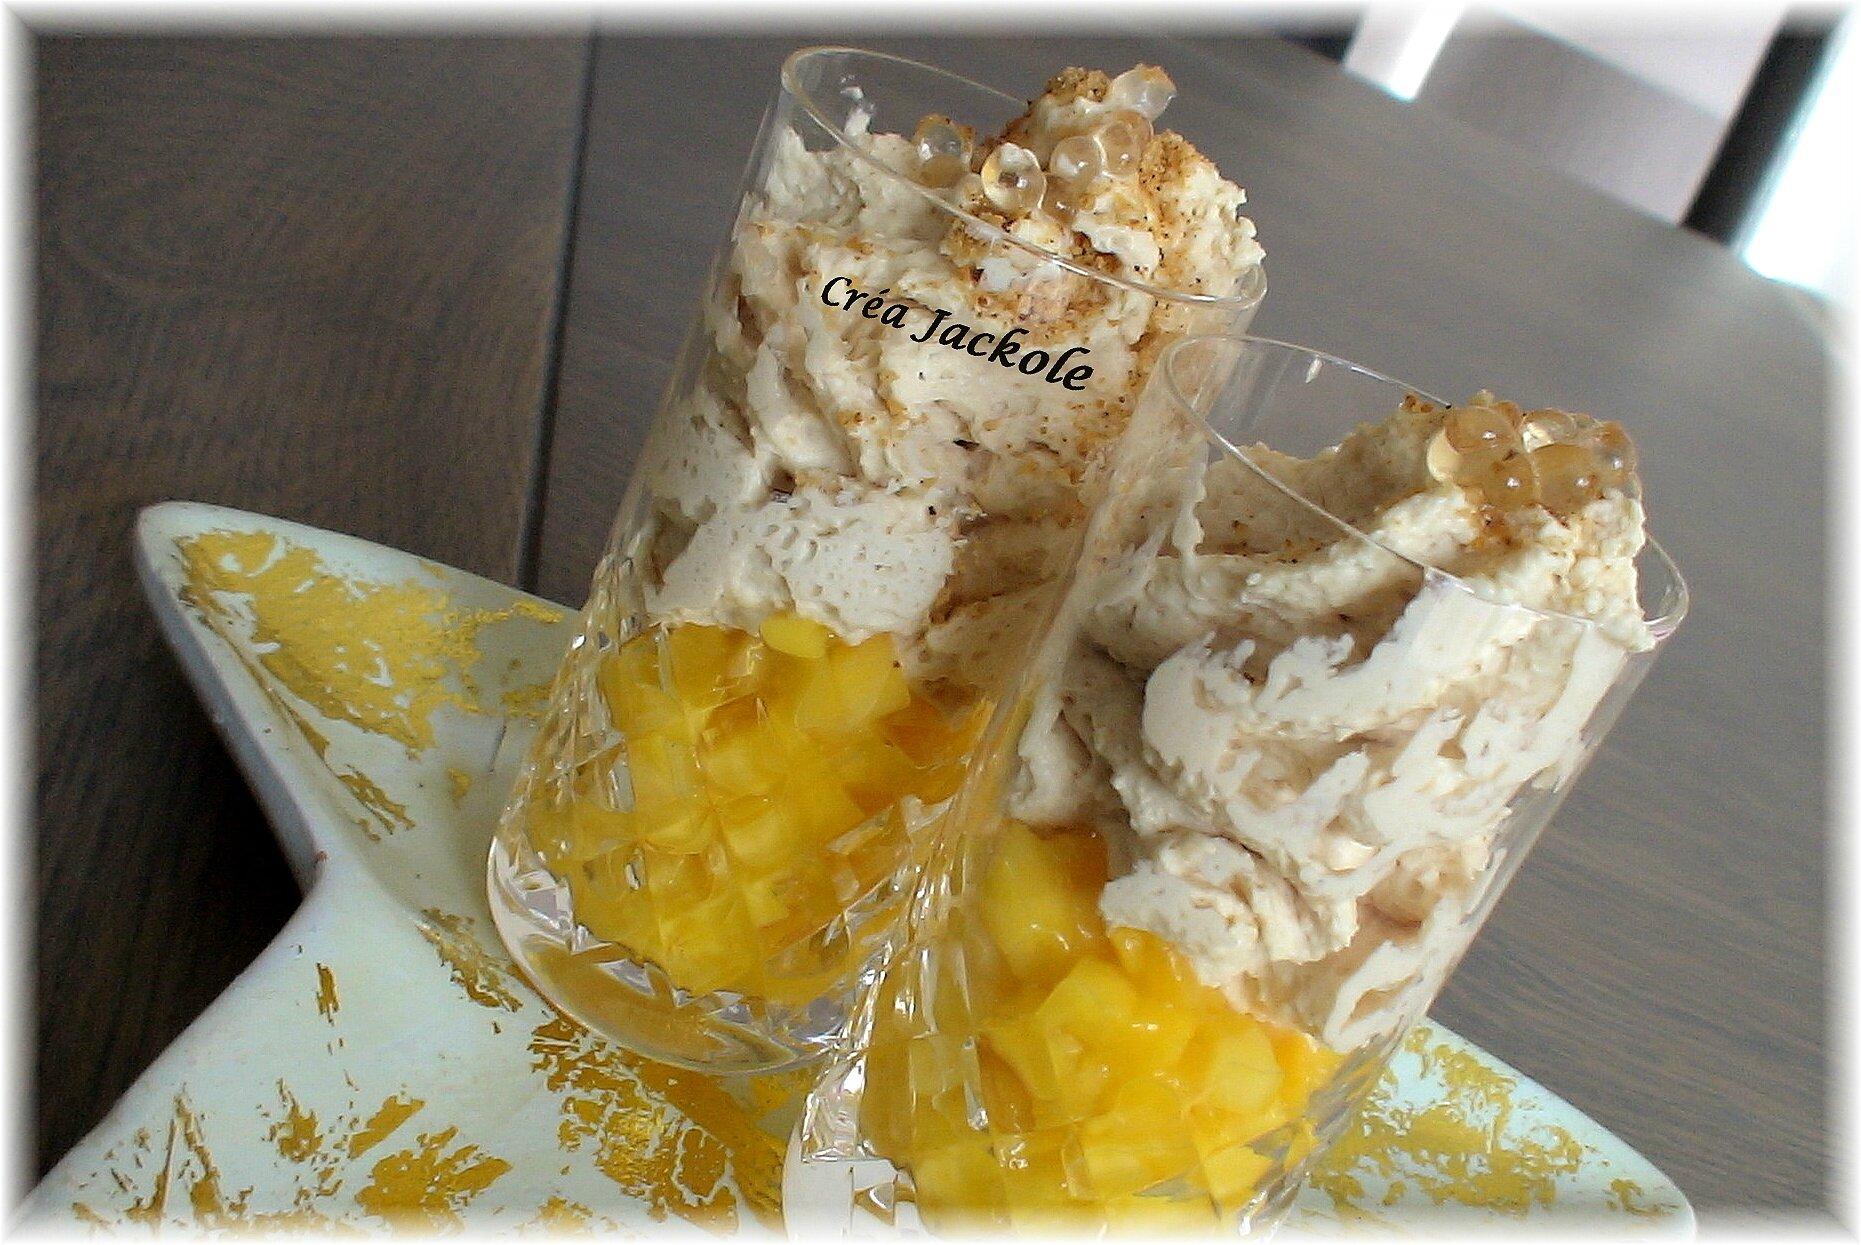 Espuma de foie gras sur lit de mangue